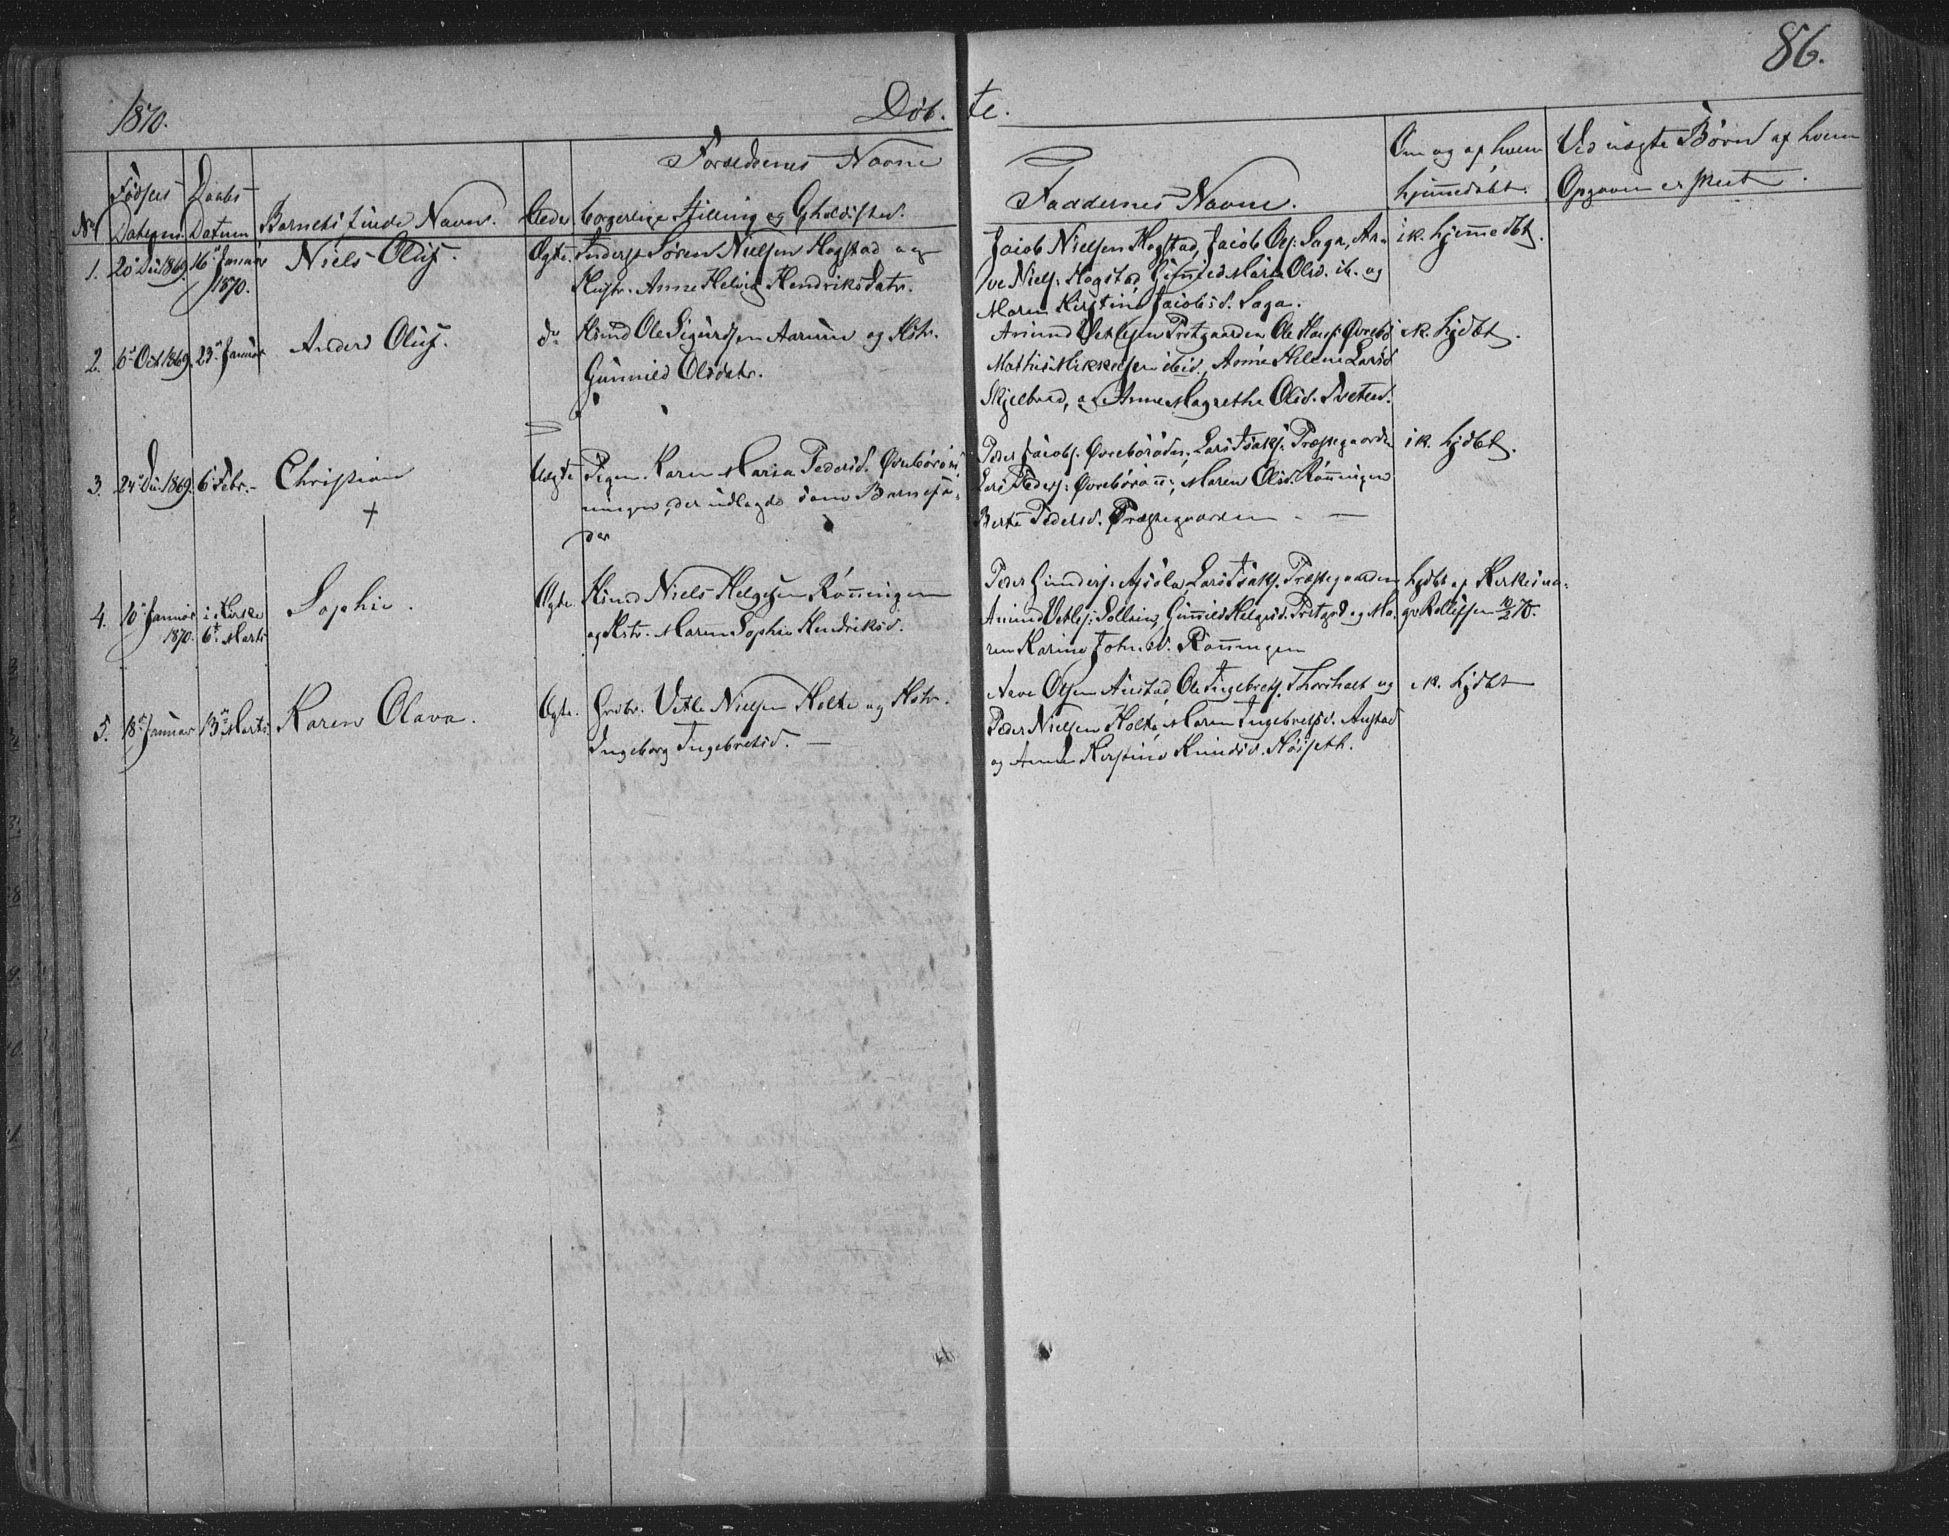 SAKO, Siljan kirkebøker, F/Fa/L0001: Ministerialbok nr. 1, 1831-1870, s. 86